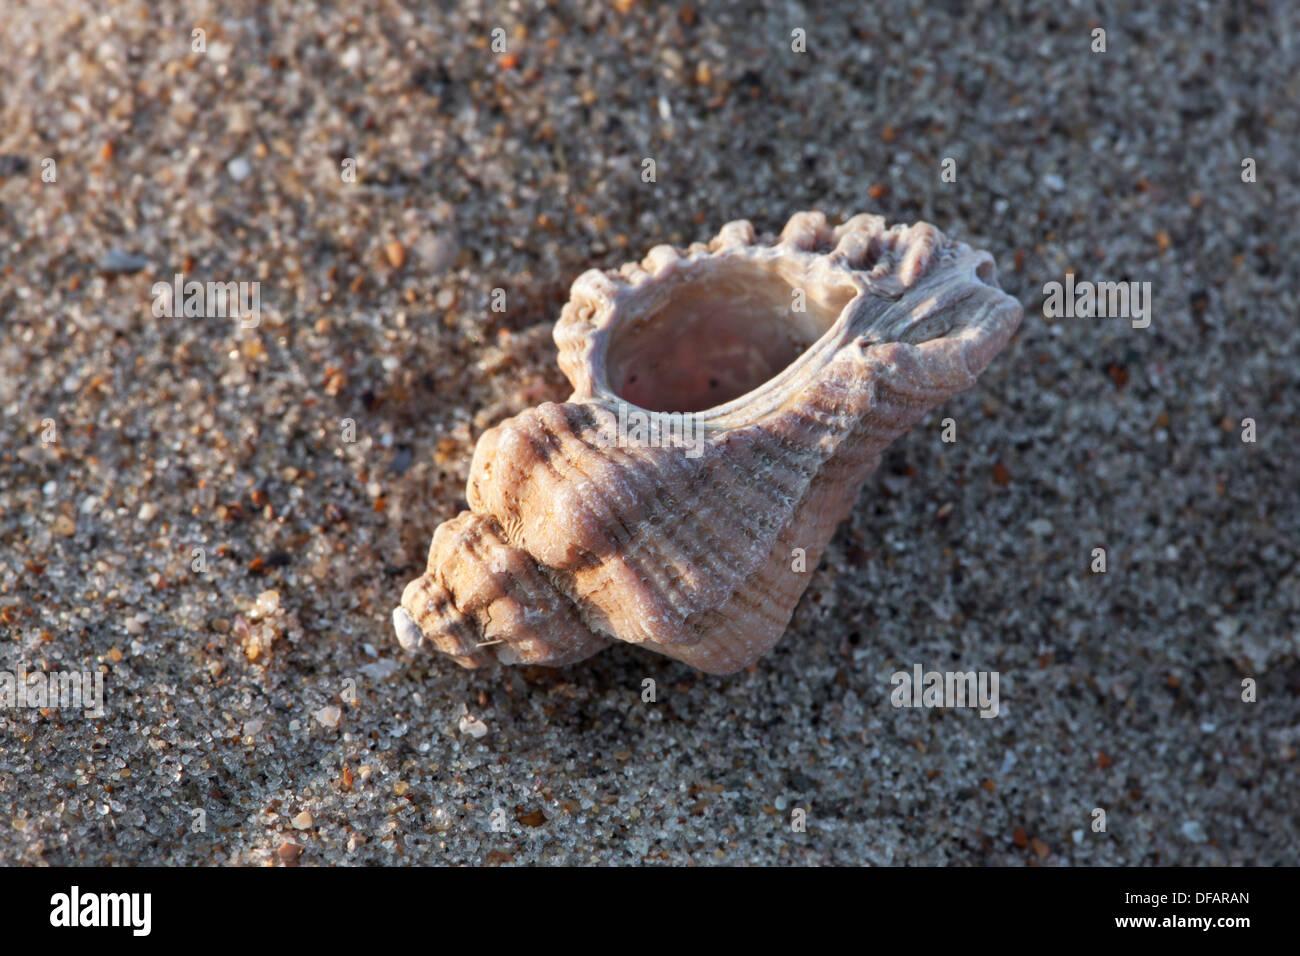 Unión sting winkle / taladro / Erizo Oyster Murex (Ocenebra erinacea), sobre la playa en la costa del Mar del Norte Foto de stock